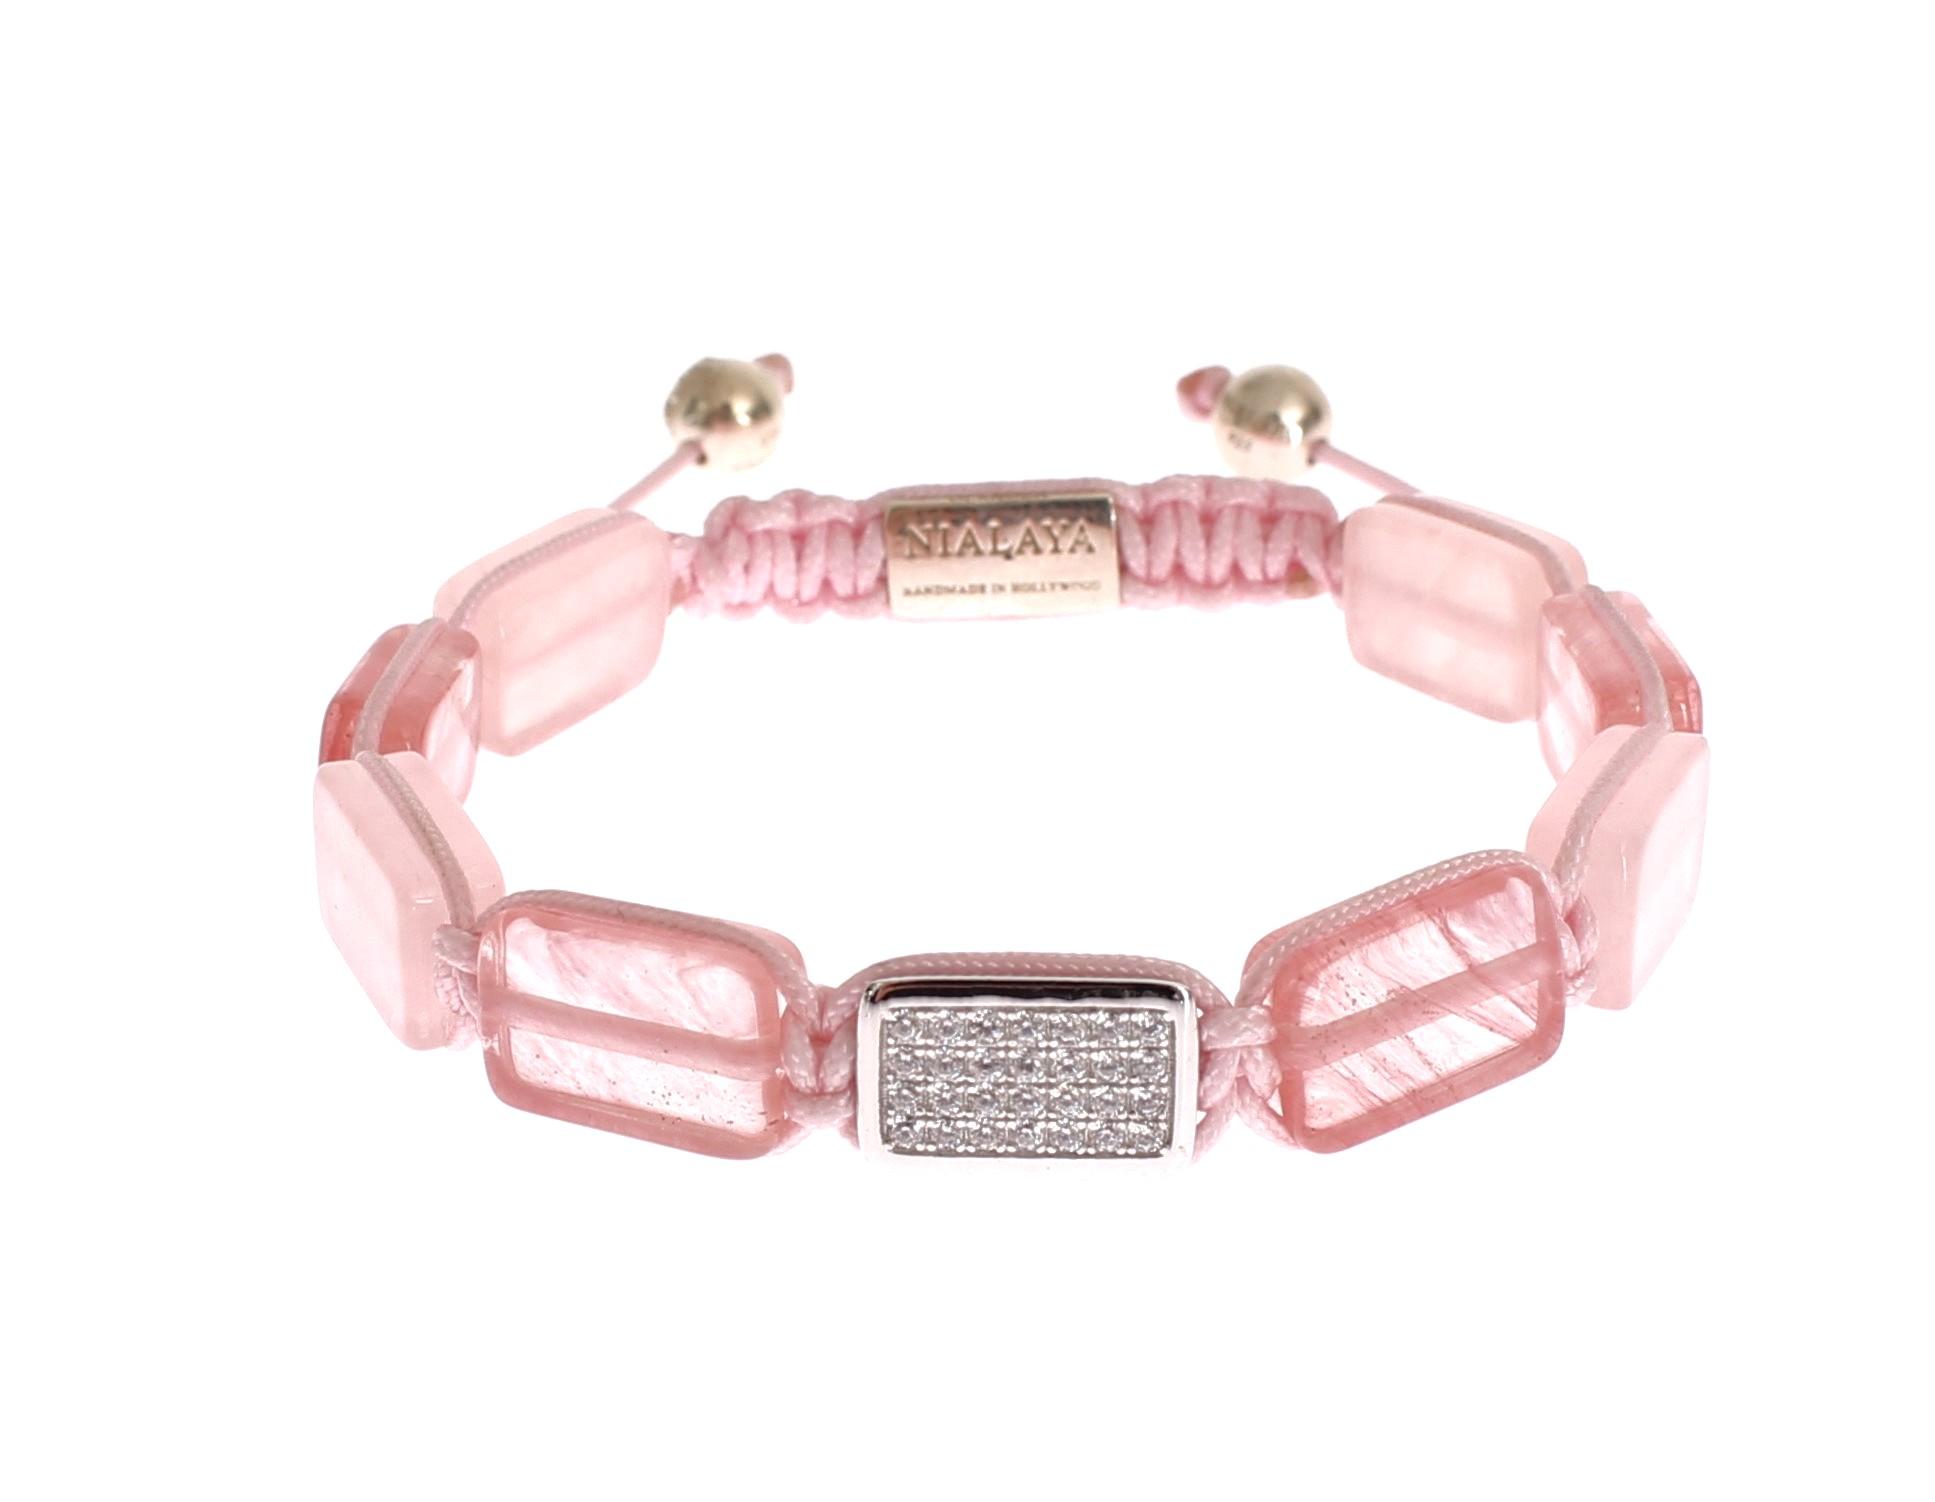 Nialaya Women's CZ Quartz 925 Silver Bracelet Pink NIA20254 - M